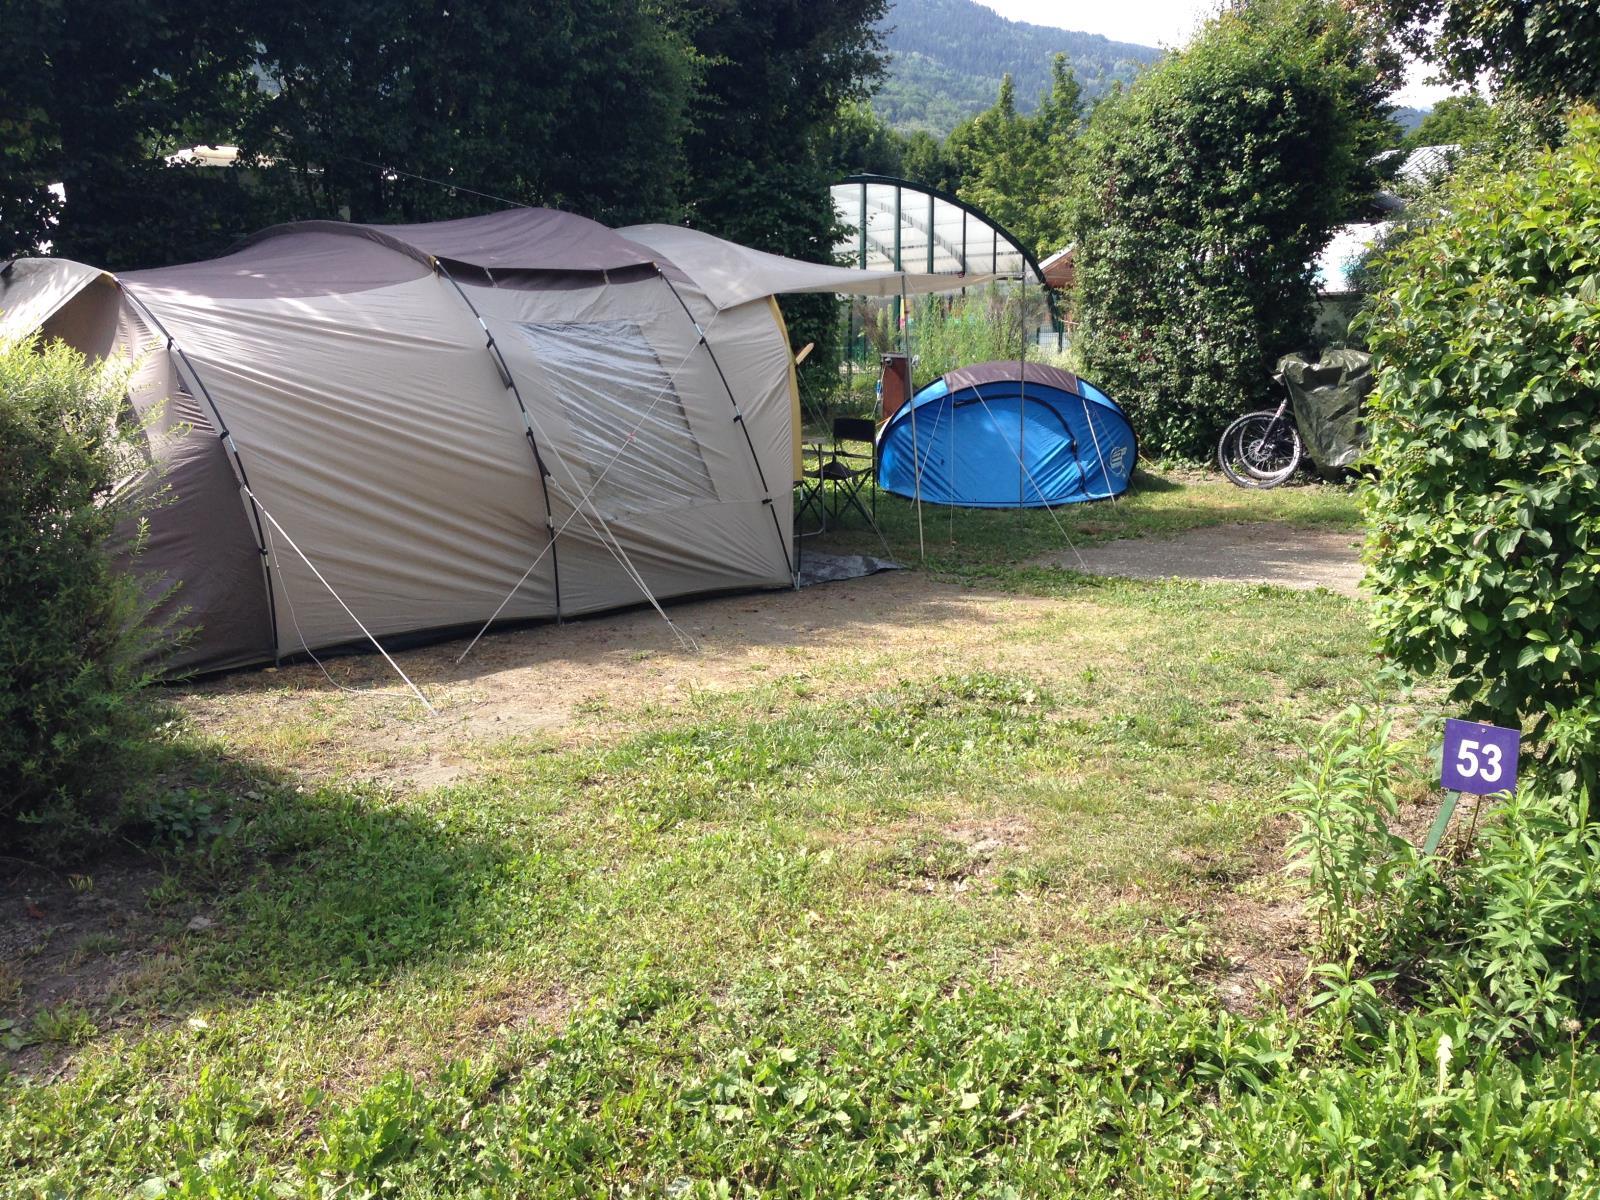 Emplacement - Forfait Nature Grand Emplacement 120-150M² (1 Tente, 1 Caravane Ou 1 Camping-Car / 1 Voiture / Pas D'électricité) - Camping L'Eden de la Vanoise